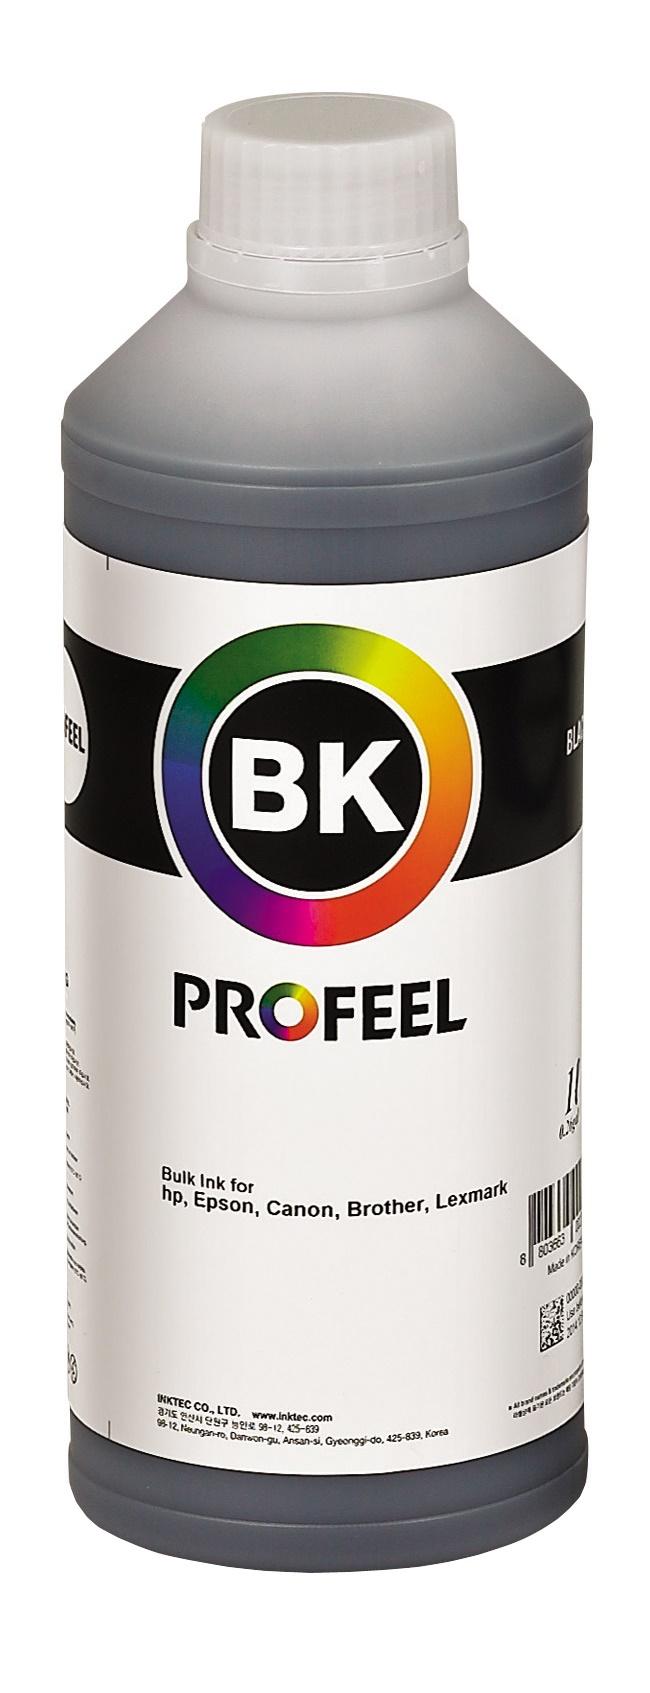 Tinta pigmentada InkTec Profeel para Epson   modelo E0015-01LB   Frasco de 1 litro   Cor : Preta